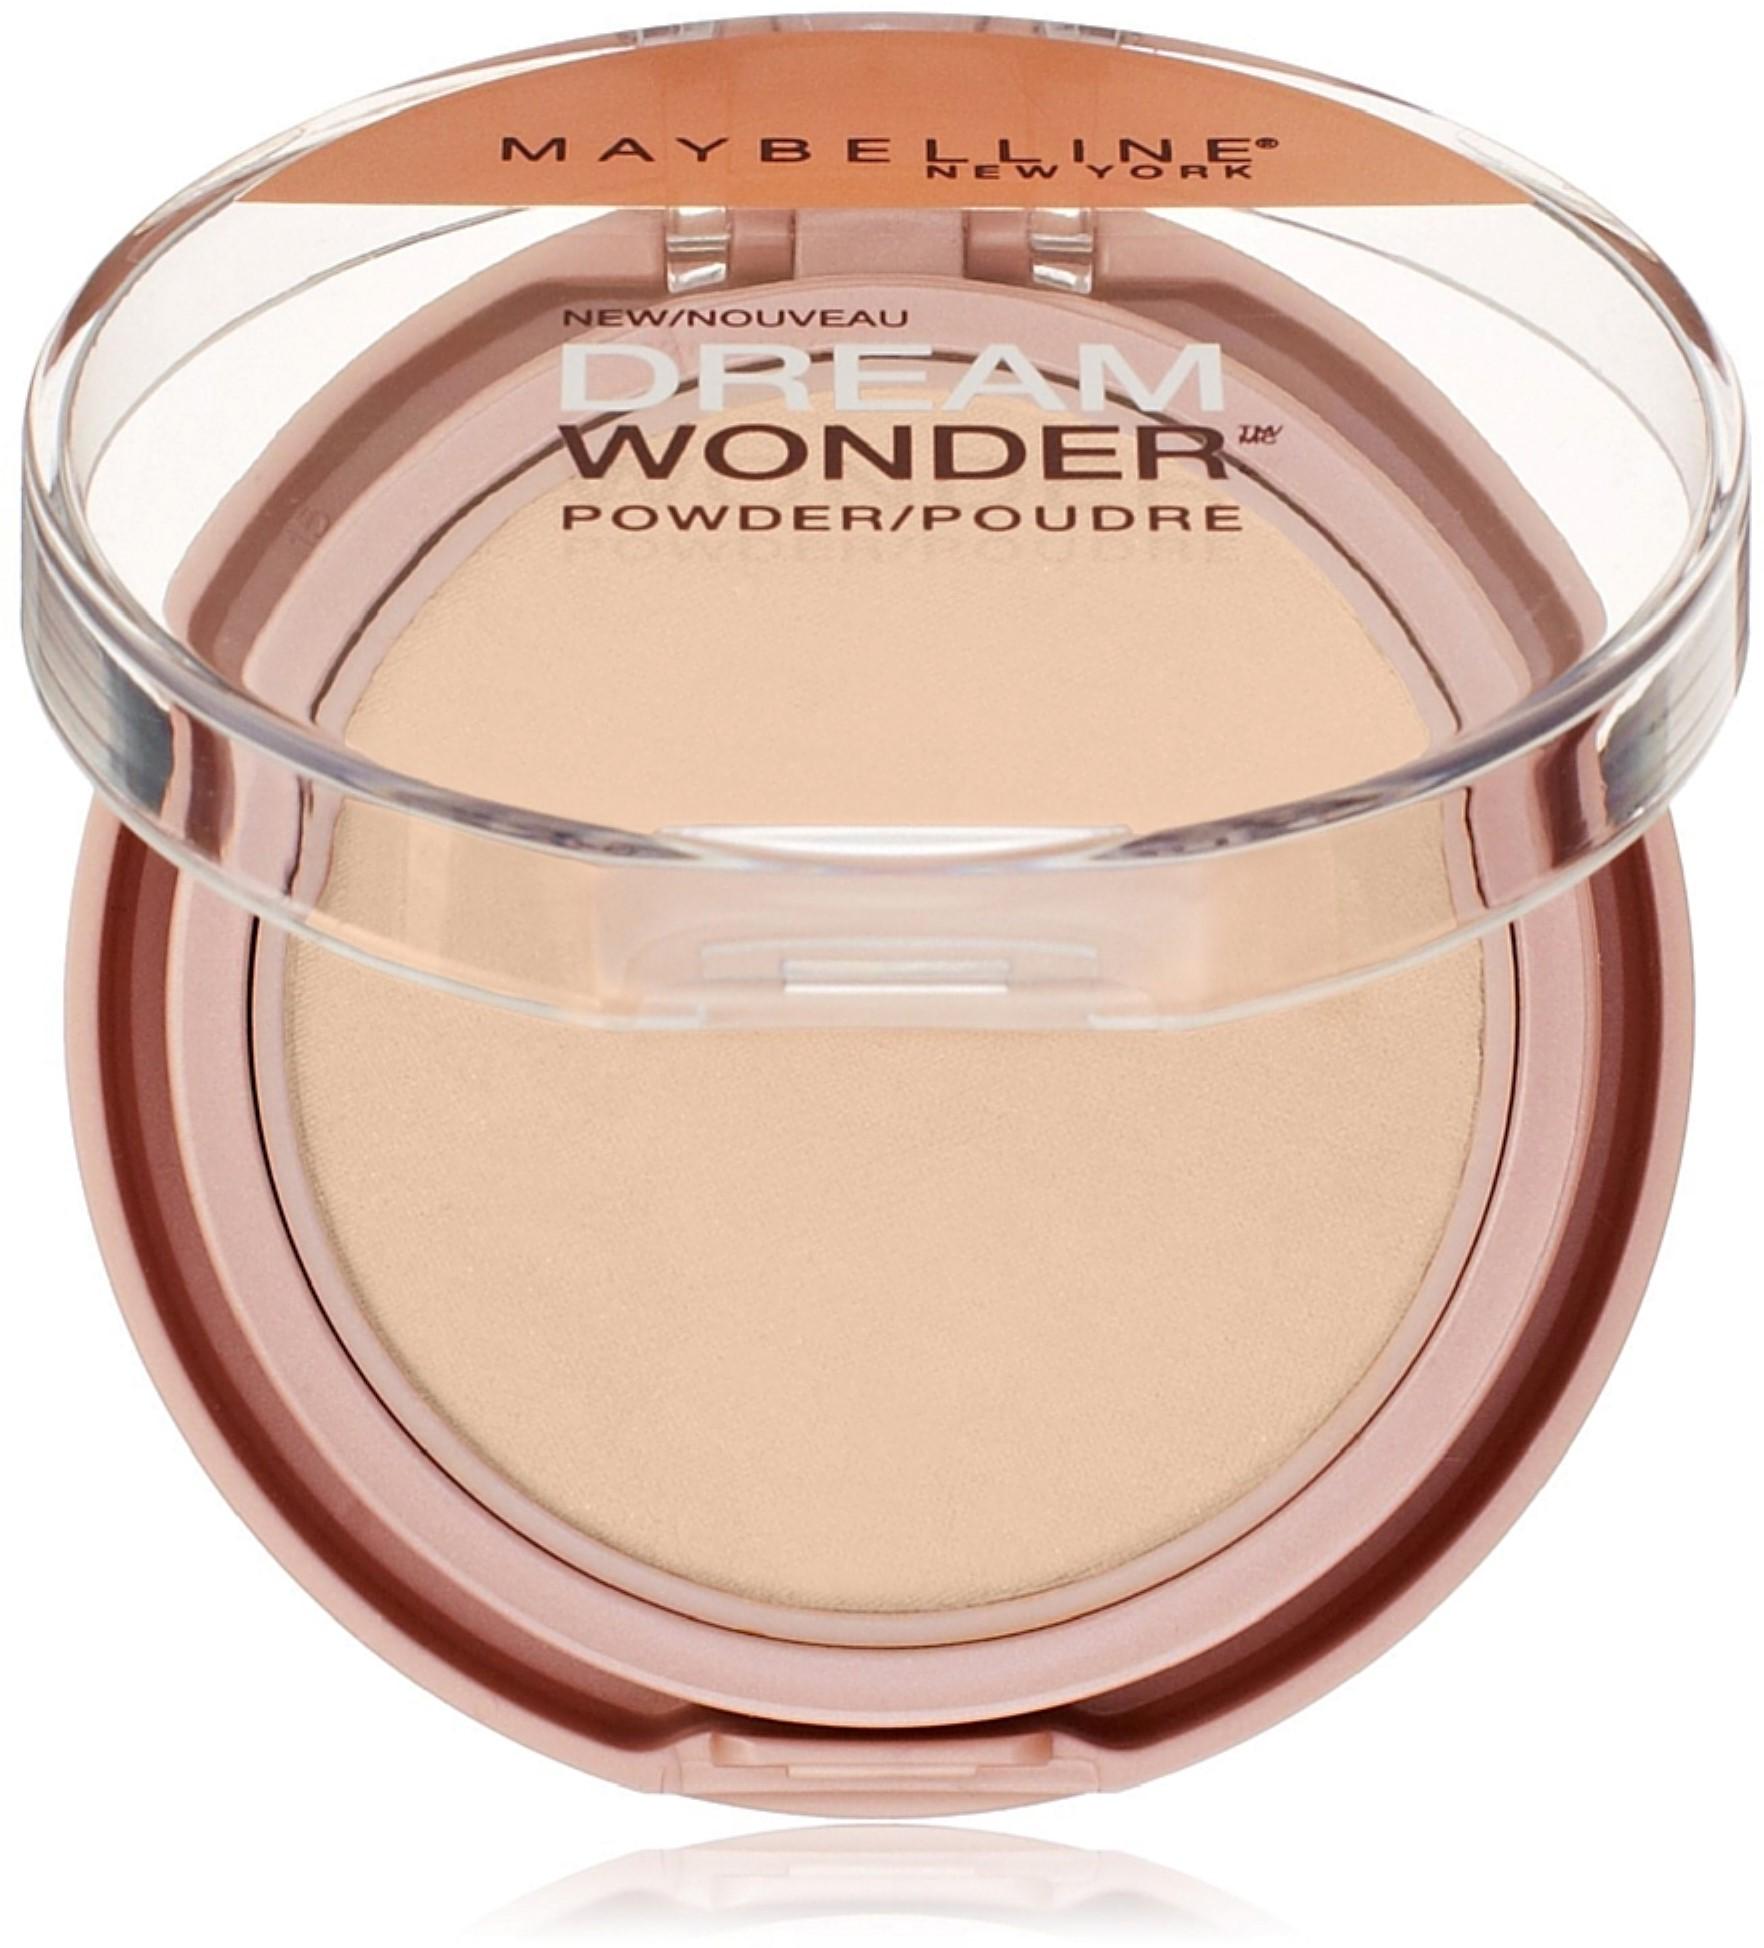 Maybelline New York Dream Wonder Powder, Ivory 0.19 oz (Pack of 2)